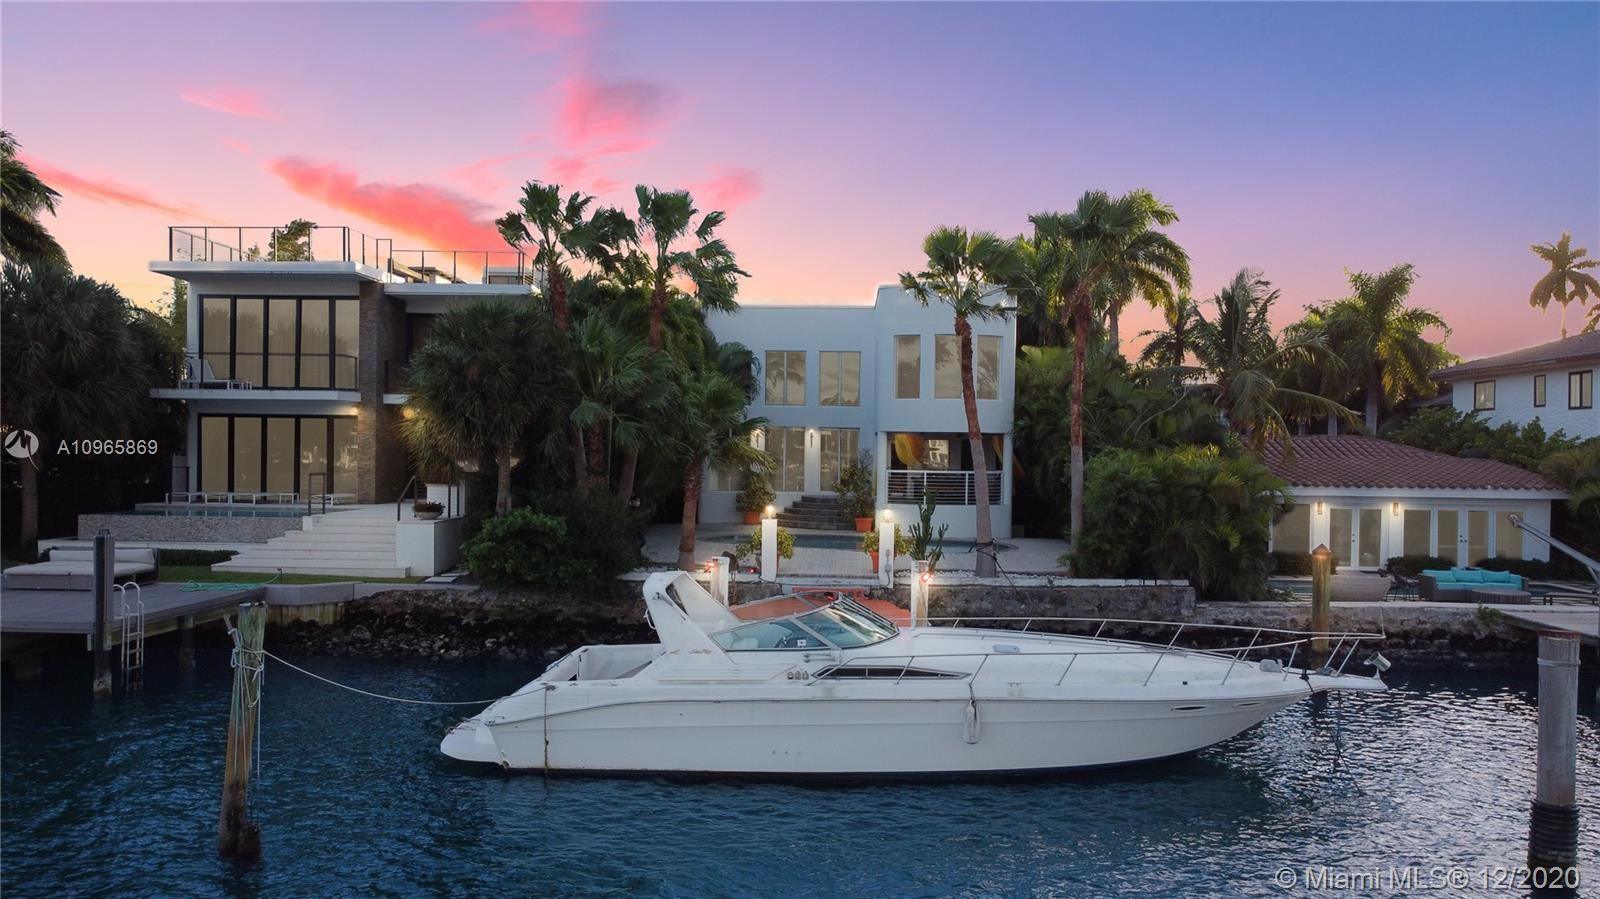 251 N Coconut Ln, Miami Beach, FL 33139 - #: A10965869